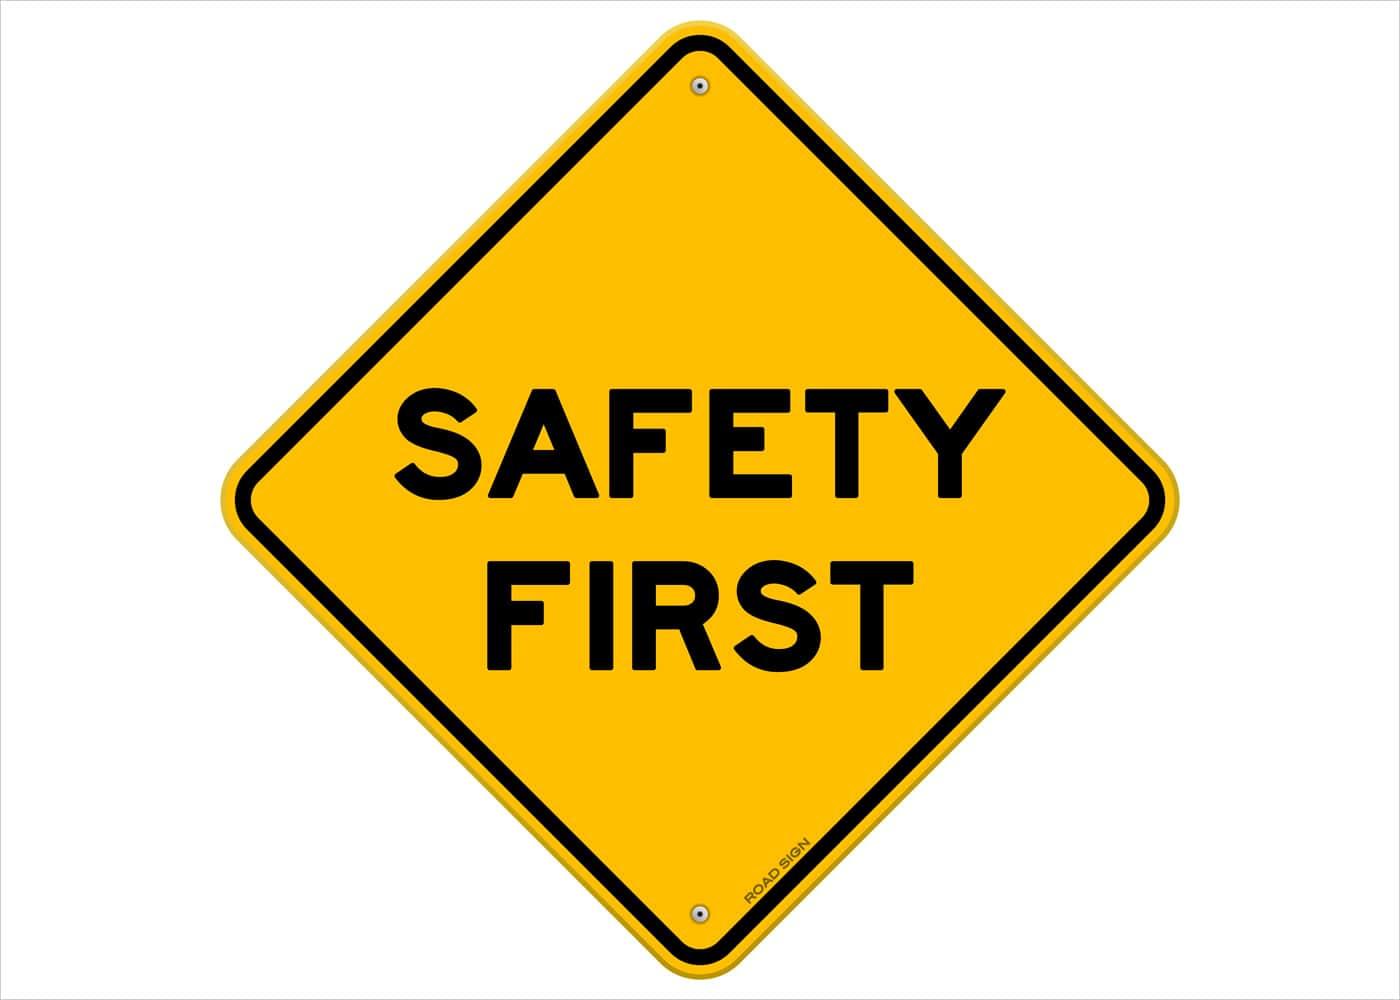 naem-webinar-2015-safety-culture-re-invigoration-700x500